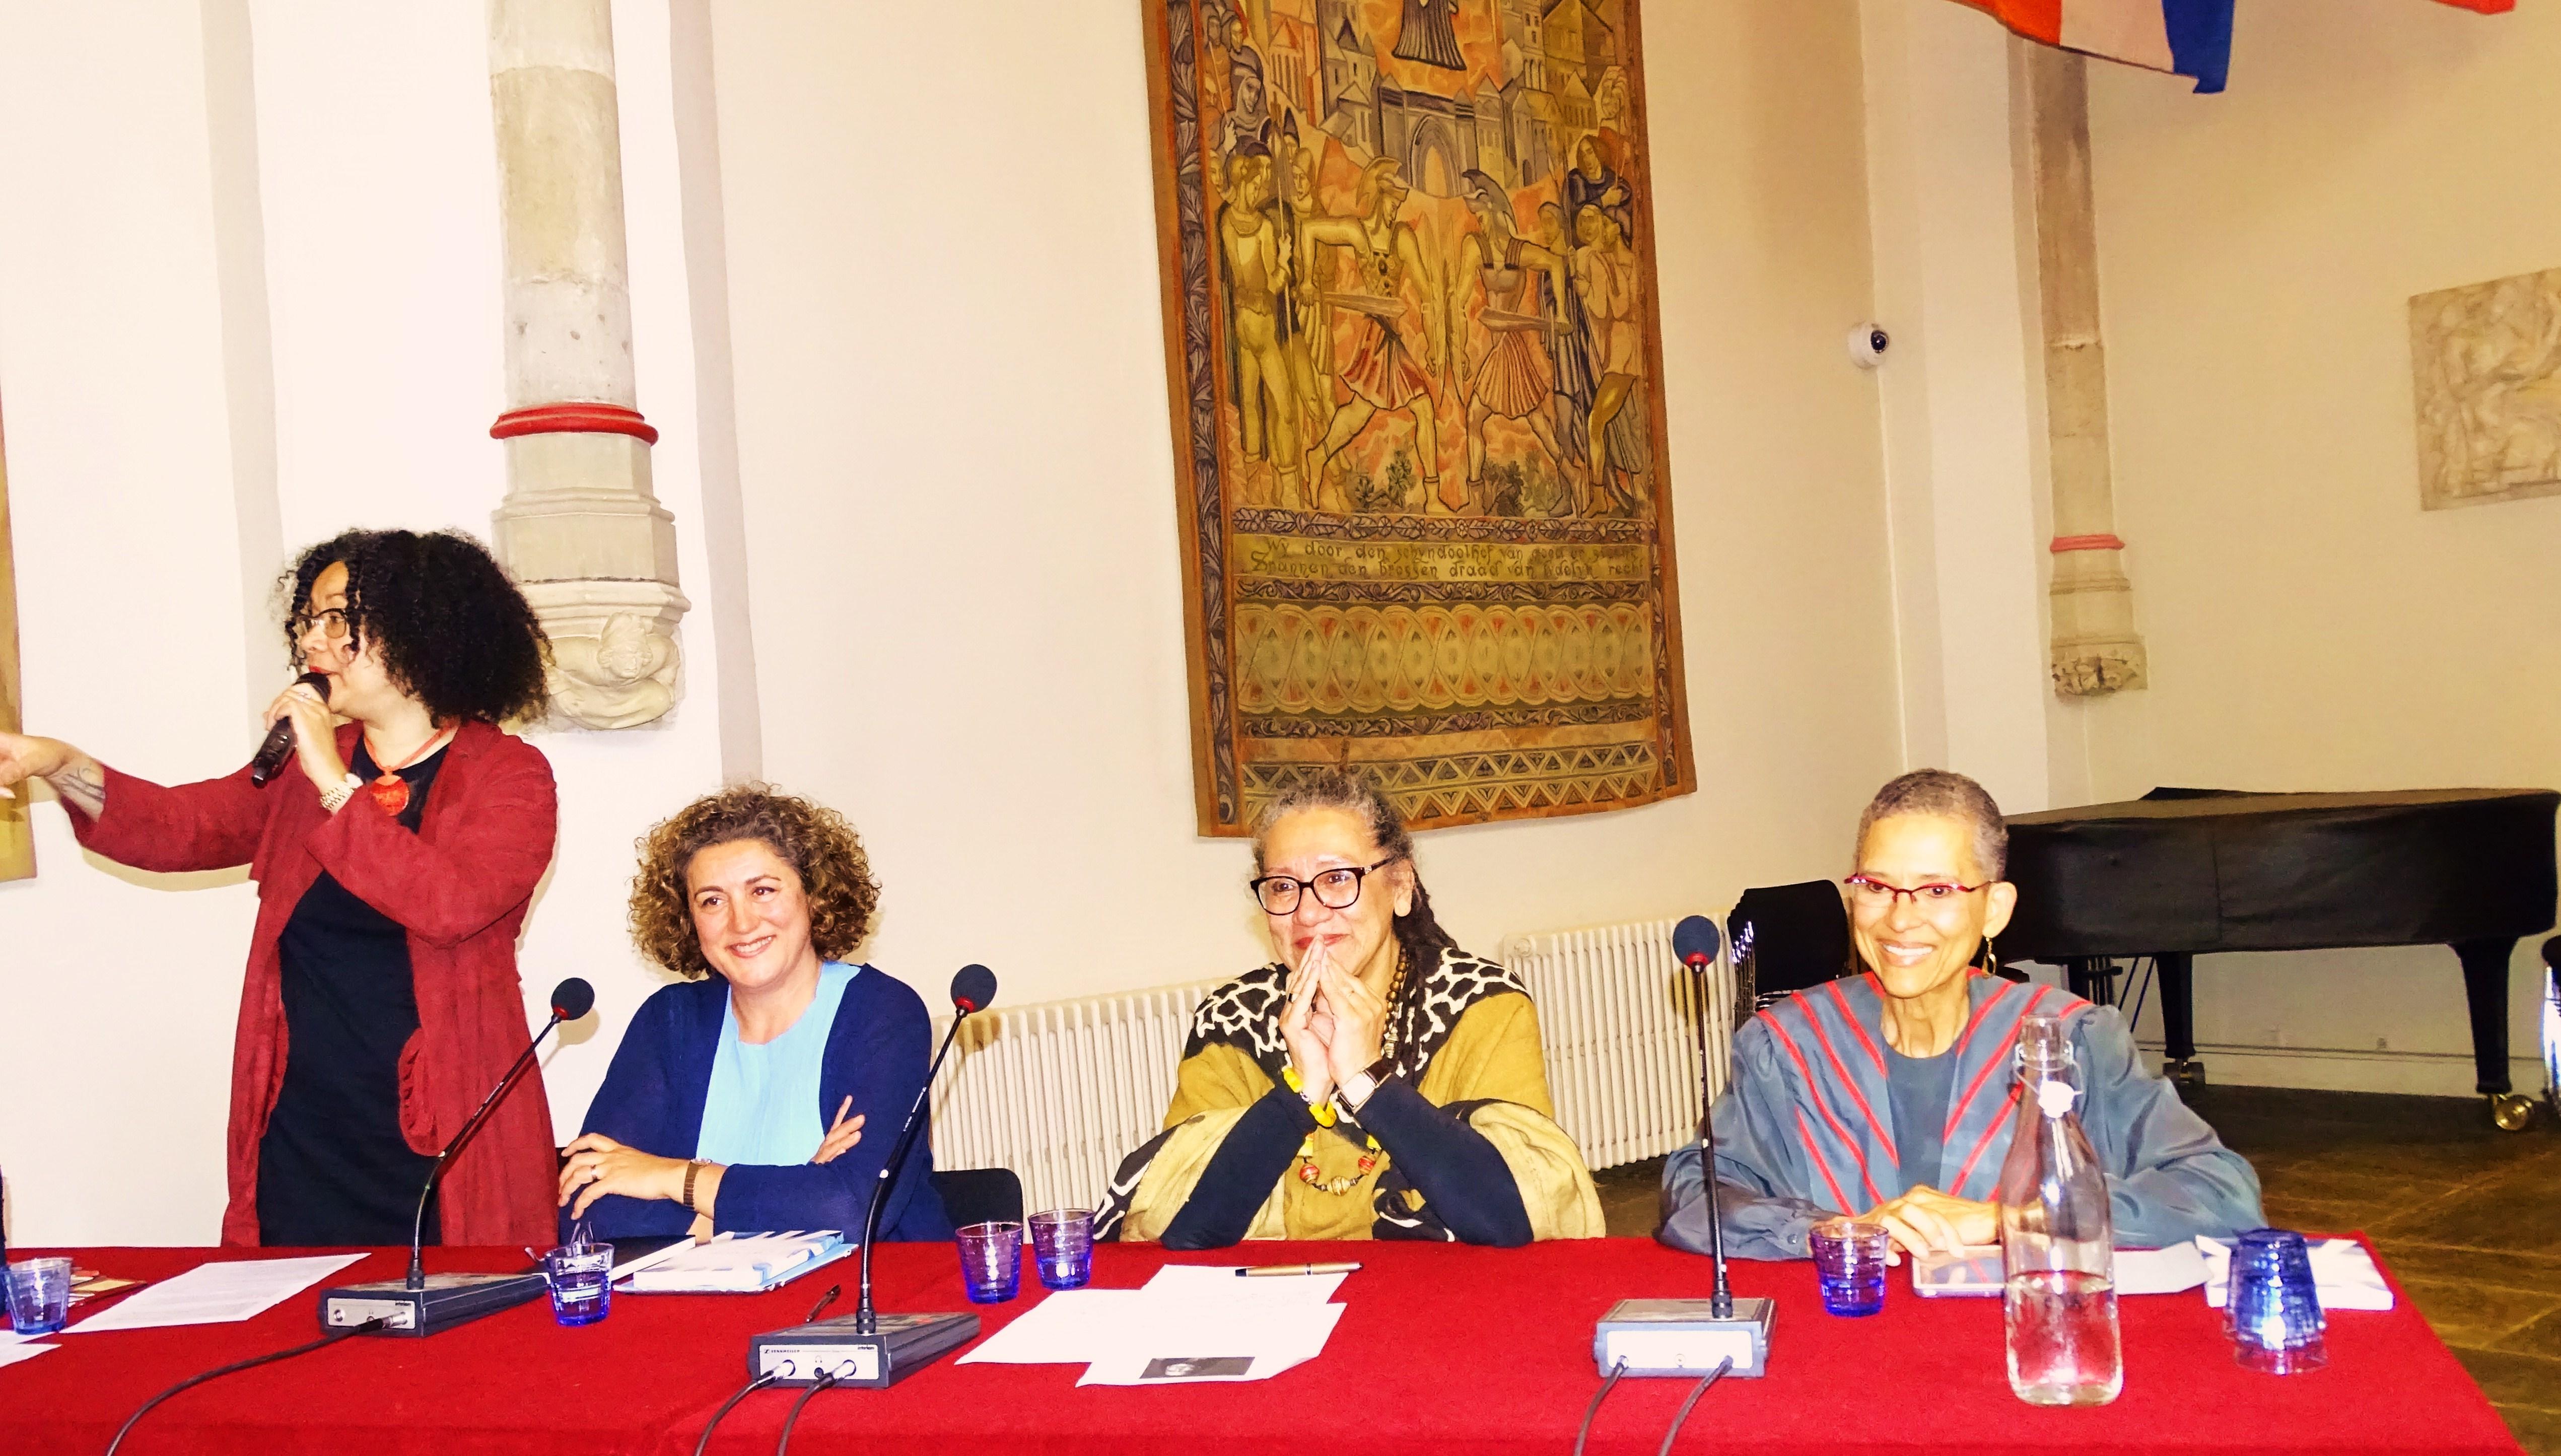 GloriaWekker20160615 Afscheidsrede en Symposium Universiteit van Utrecht. Van links naar rechts Nancy Jouwe MA, Prof. Dr Halleh Ghorashi Hal, Prof. Dr Gloria Wekker, Prof. Dr Philomena JM Essed. DataMapCrightsPhilomenaJMEssed by HellenJGill